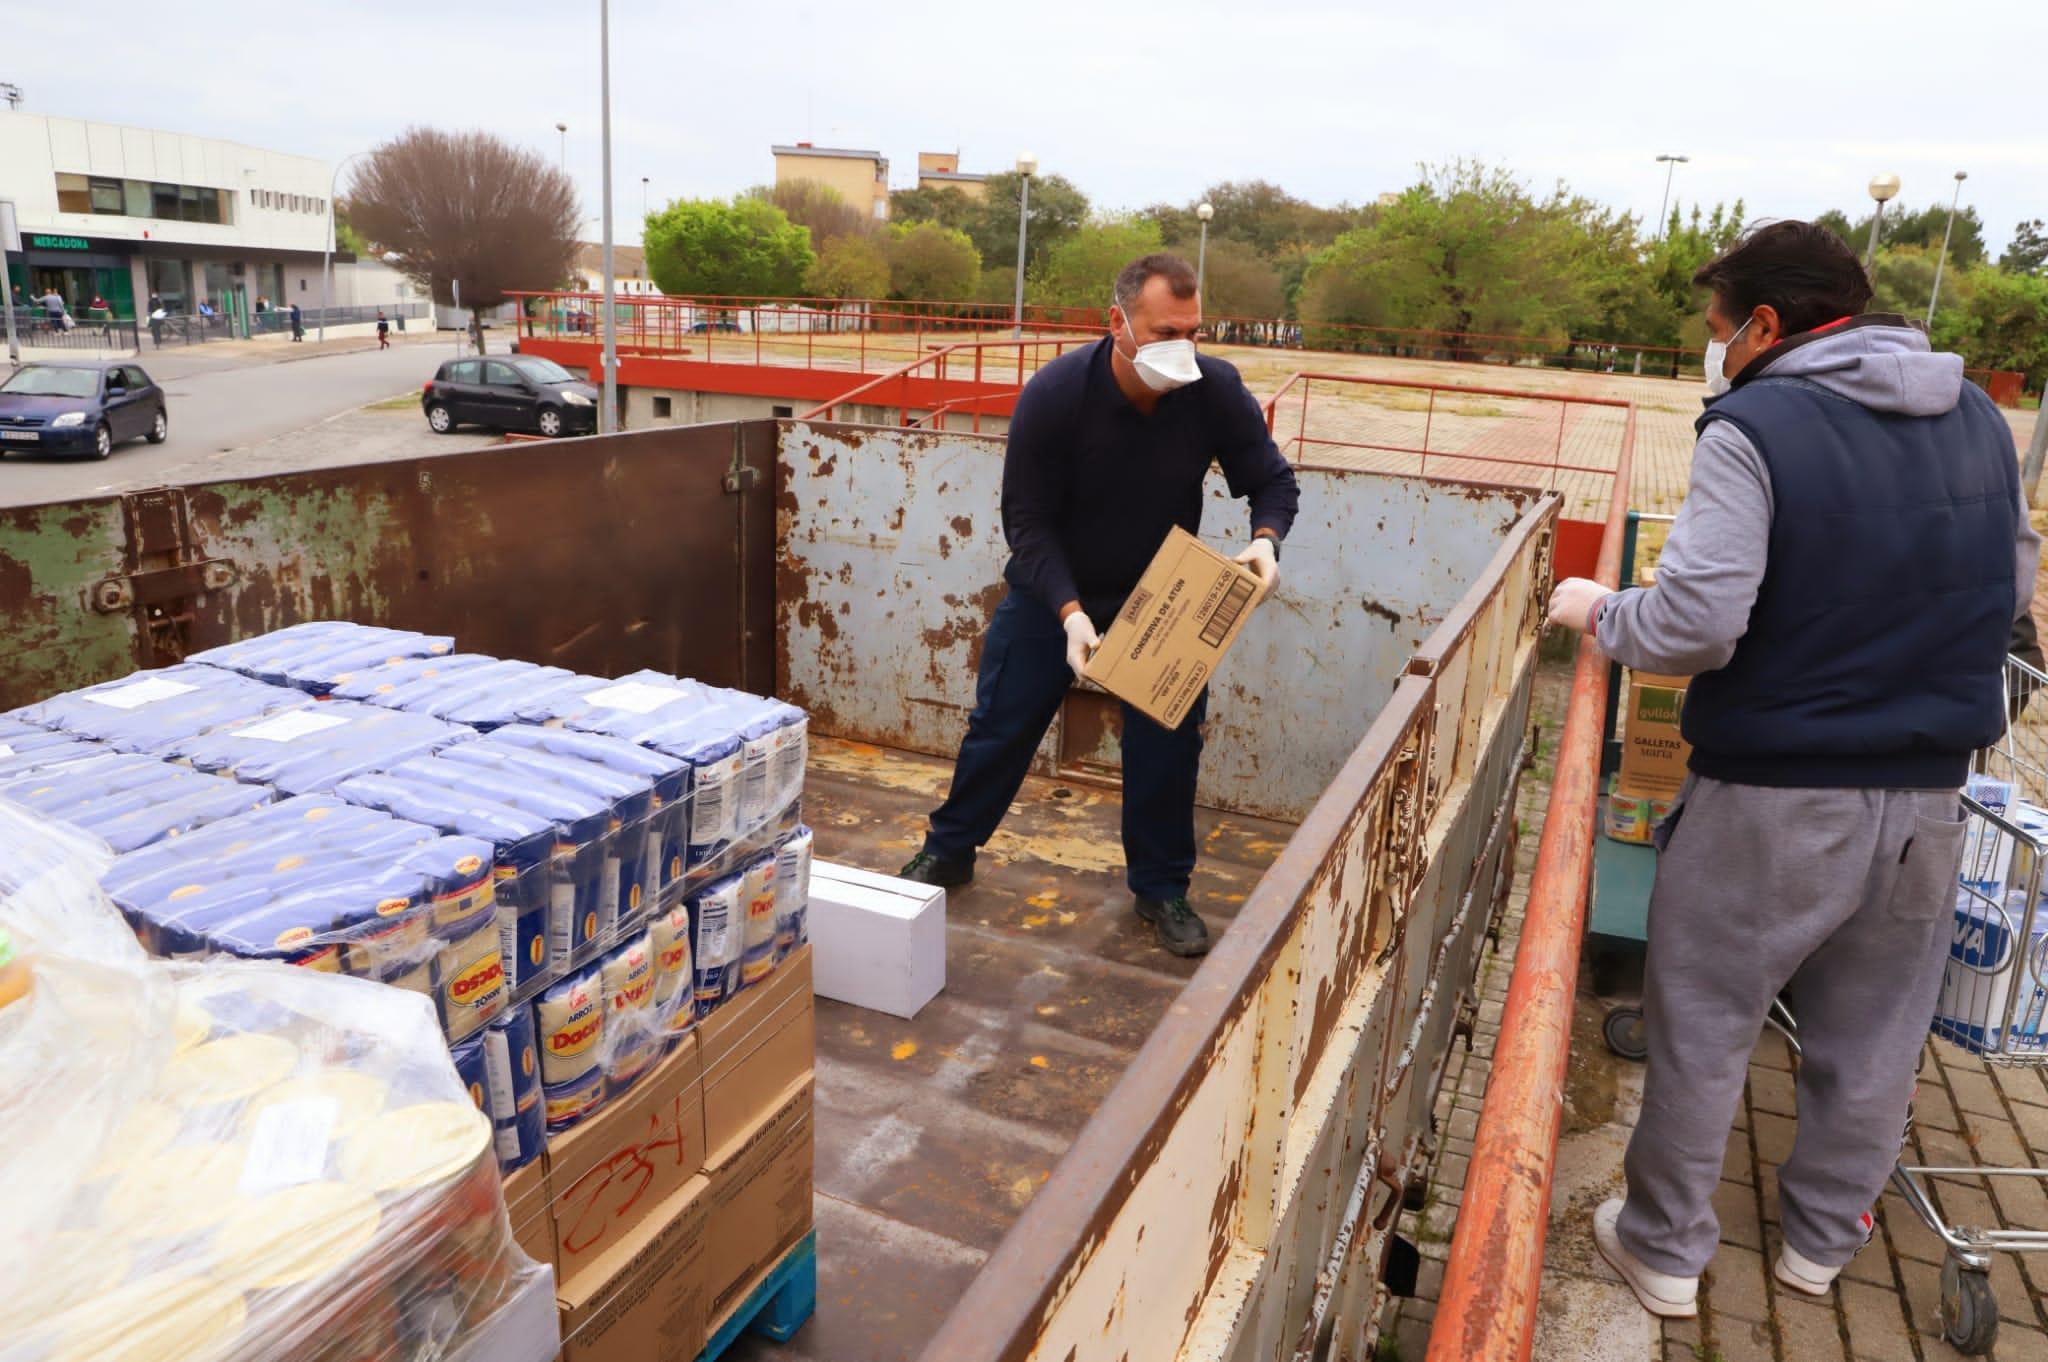 Voluntarios descargado alimentos